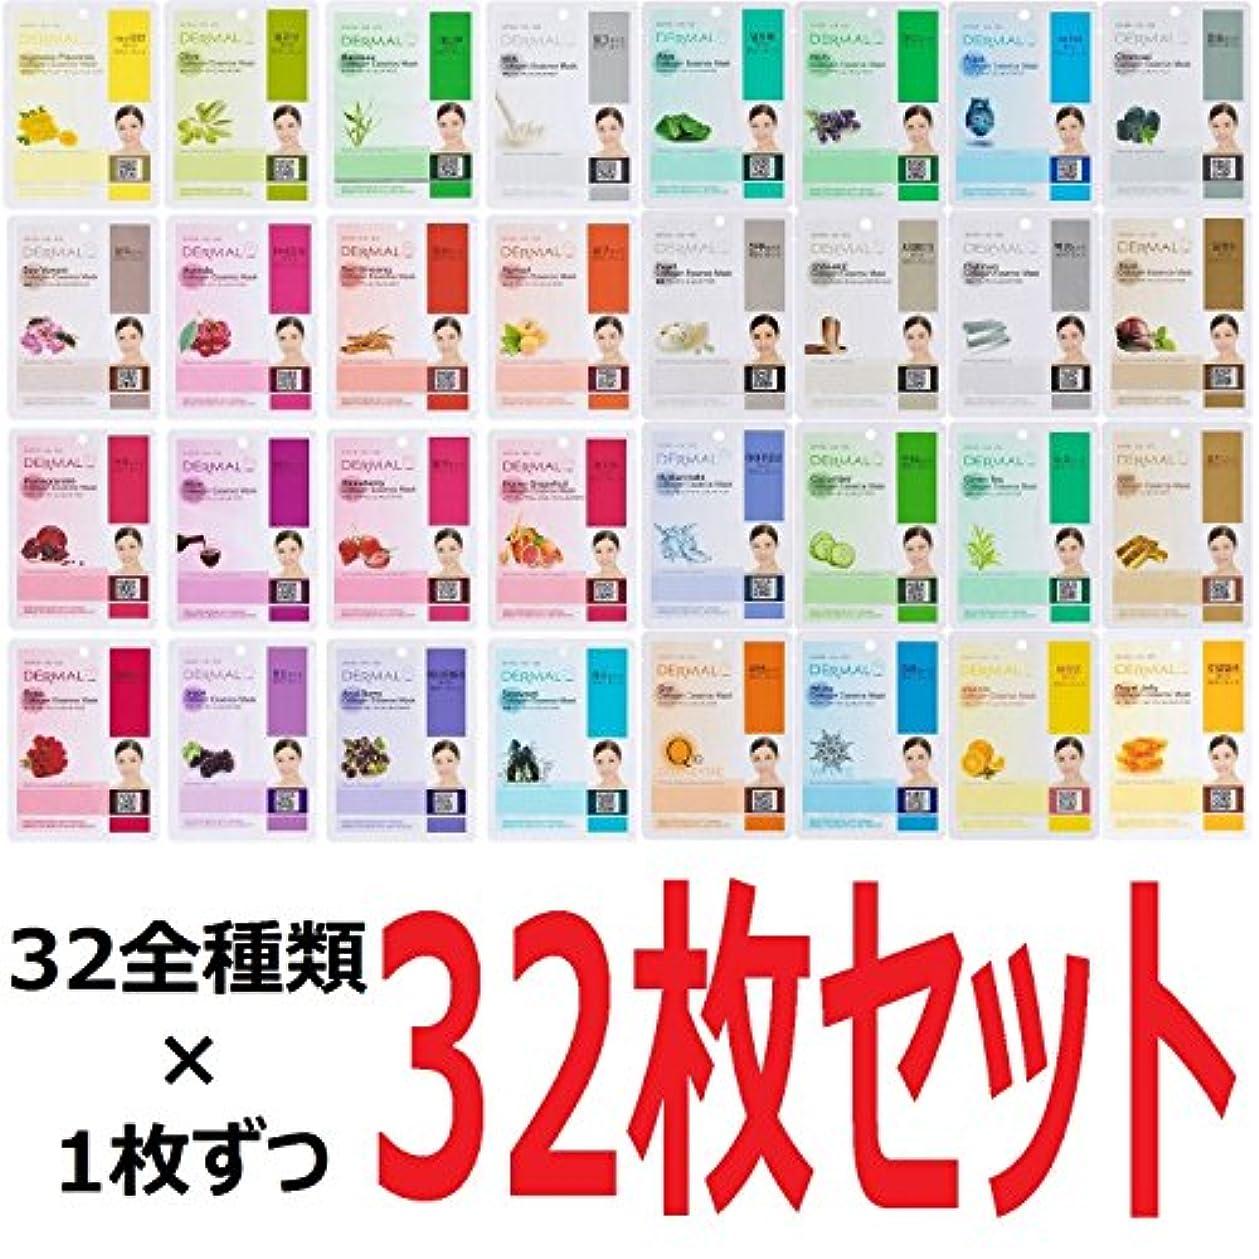 胃万歳大胆DERMAL(ダーマル) エッセンスマスク 32枚セット(32種全種類)/Essence Mask 32pcs [並行輸入品]